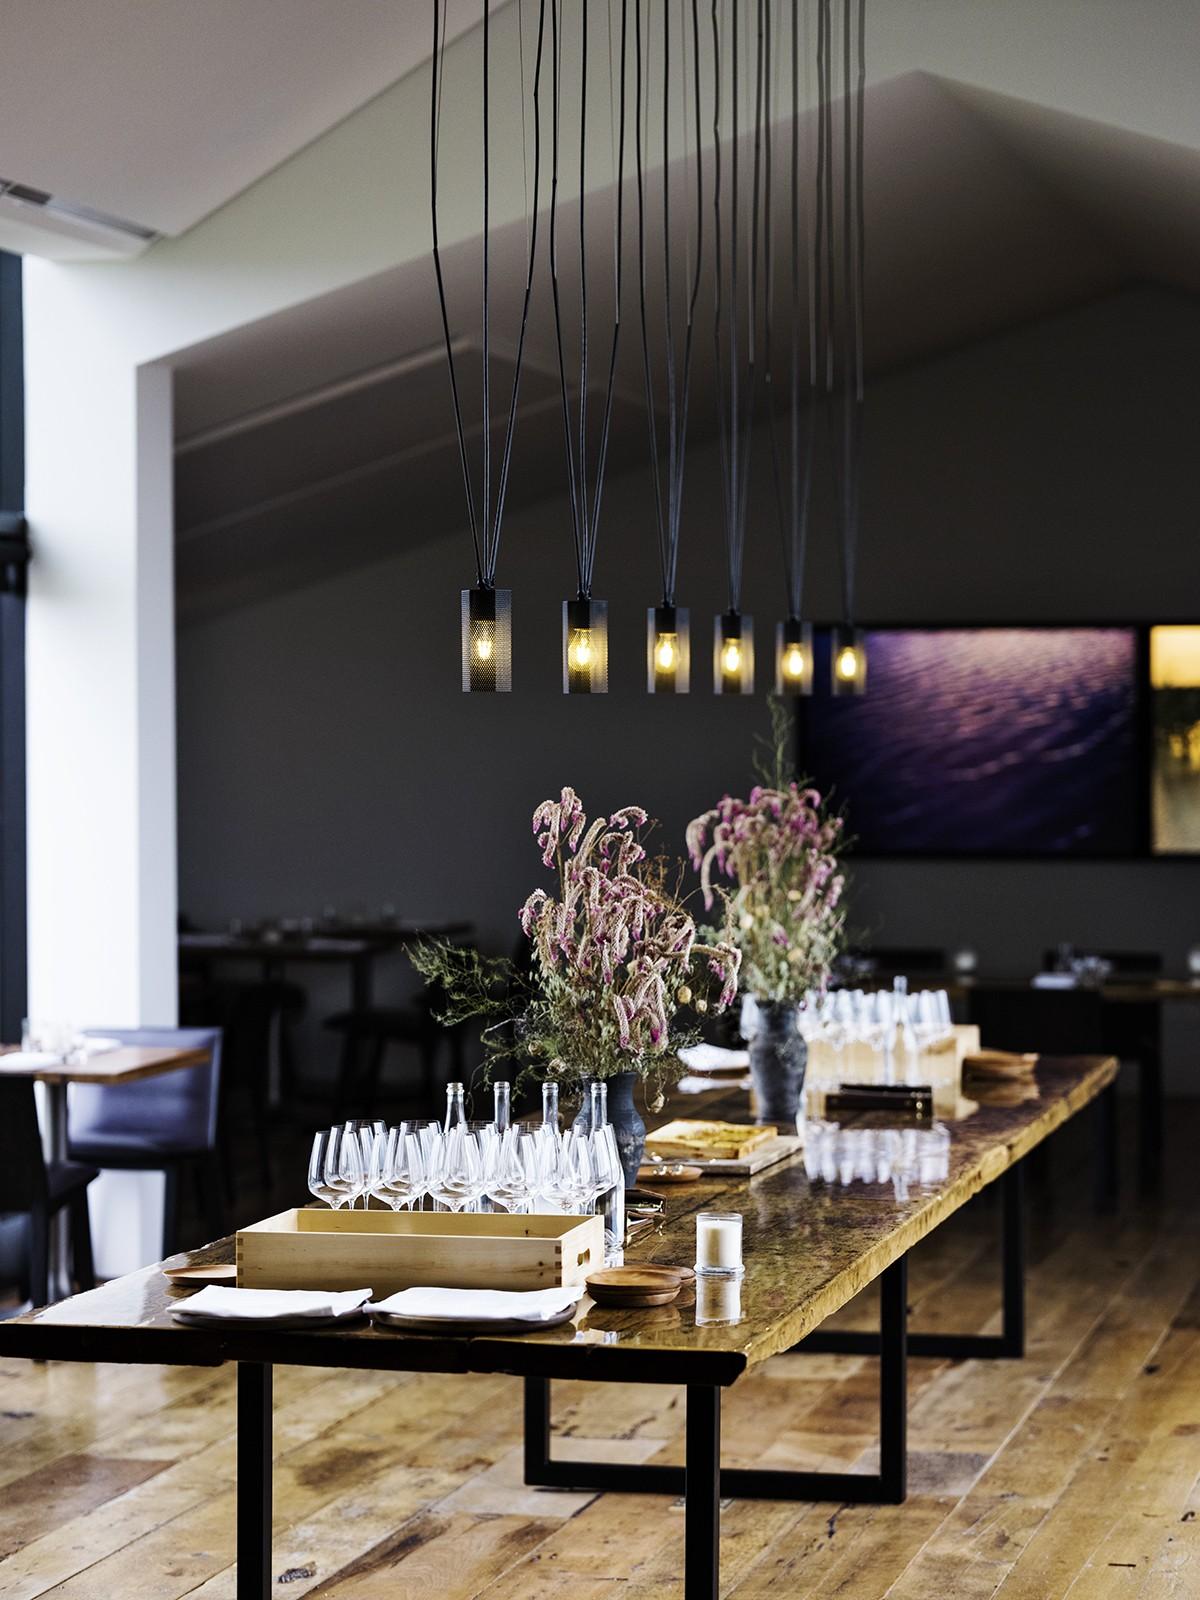 5 – RestaurantatPM-JohnCullen